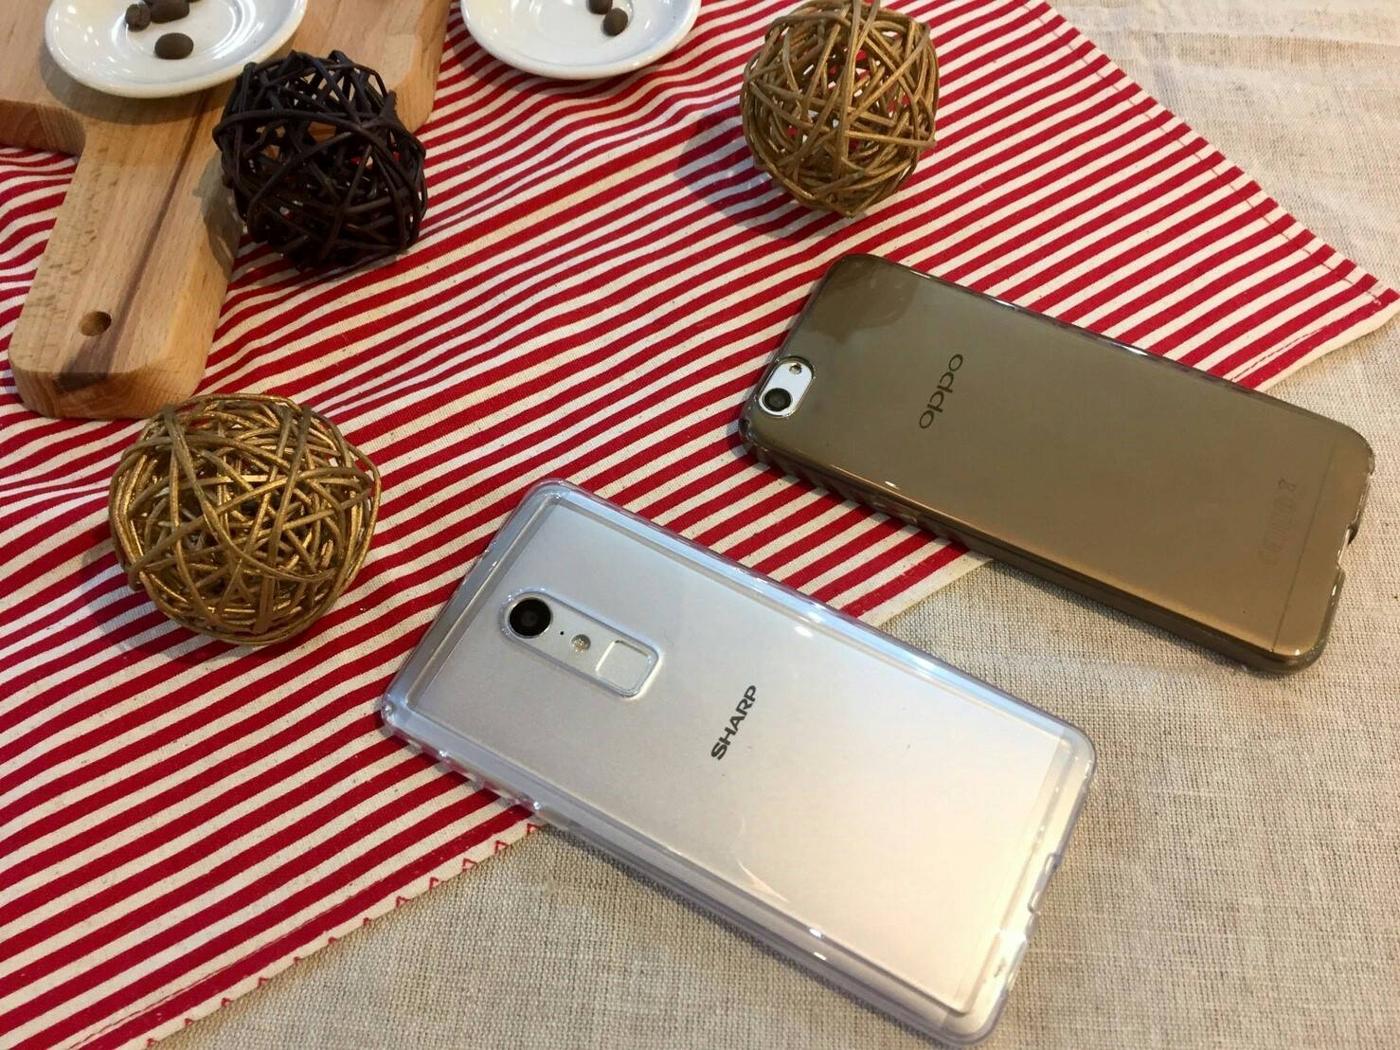 透明軟殼套ASUS ZenFone GO ZB500KL X00ADA矽膠套背殼套果凍套清水套手機套保護套保護殼